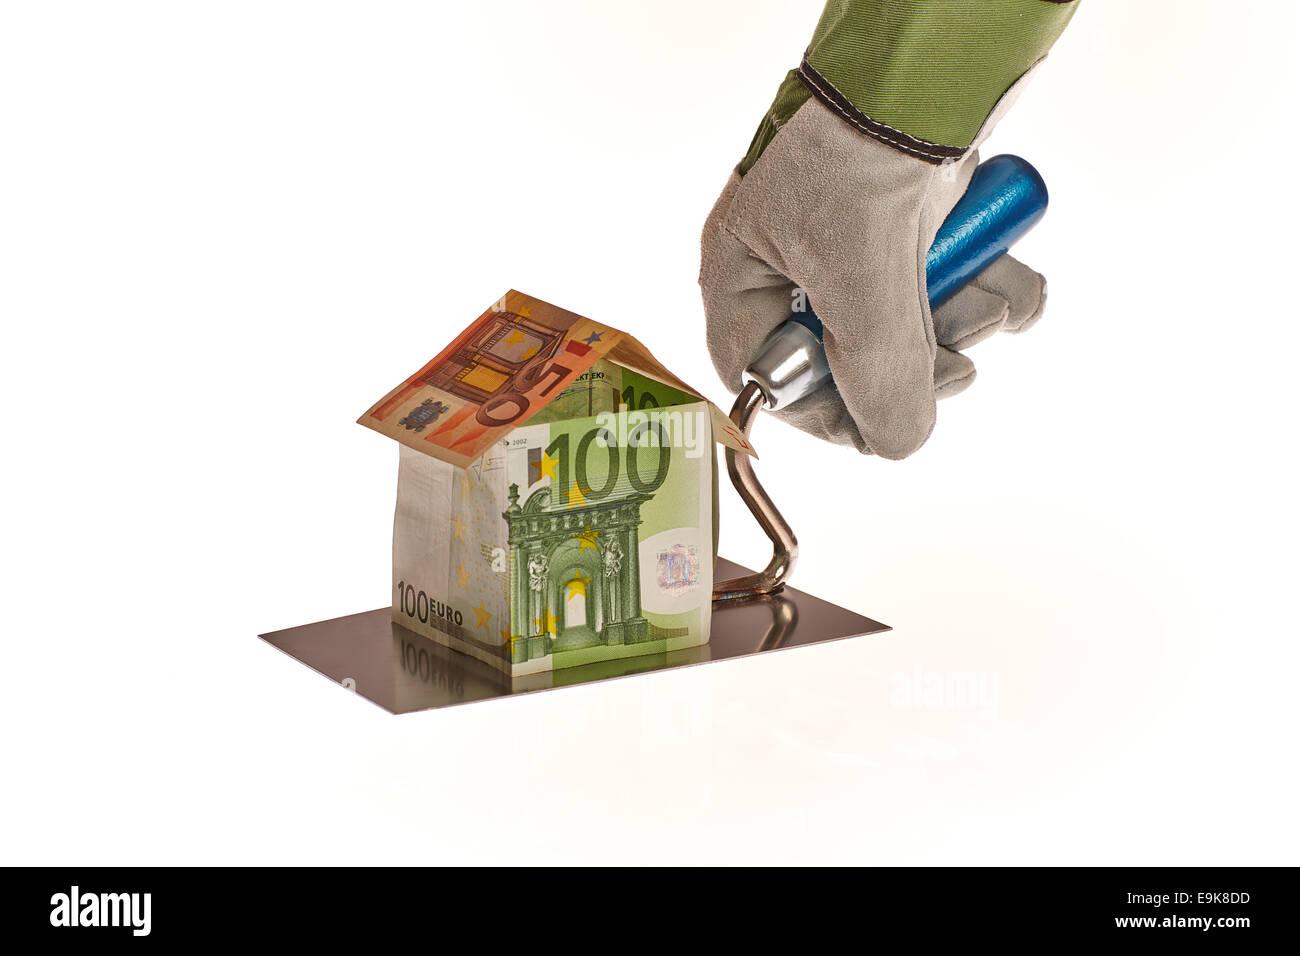 Hausbau aus Euro Geld auf einer Maurer Kelle - Stock Image